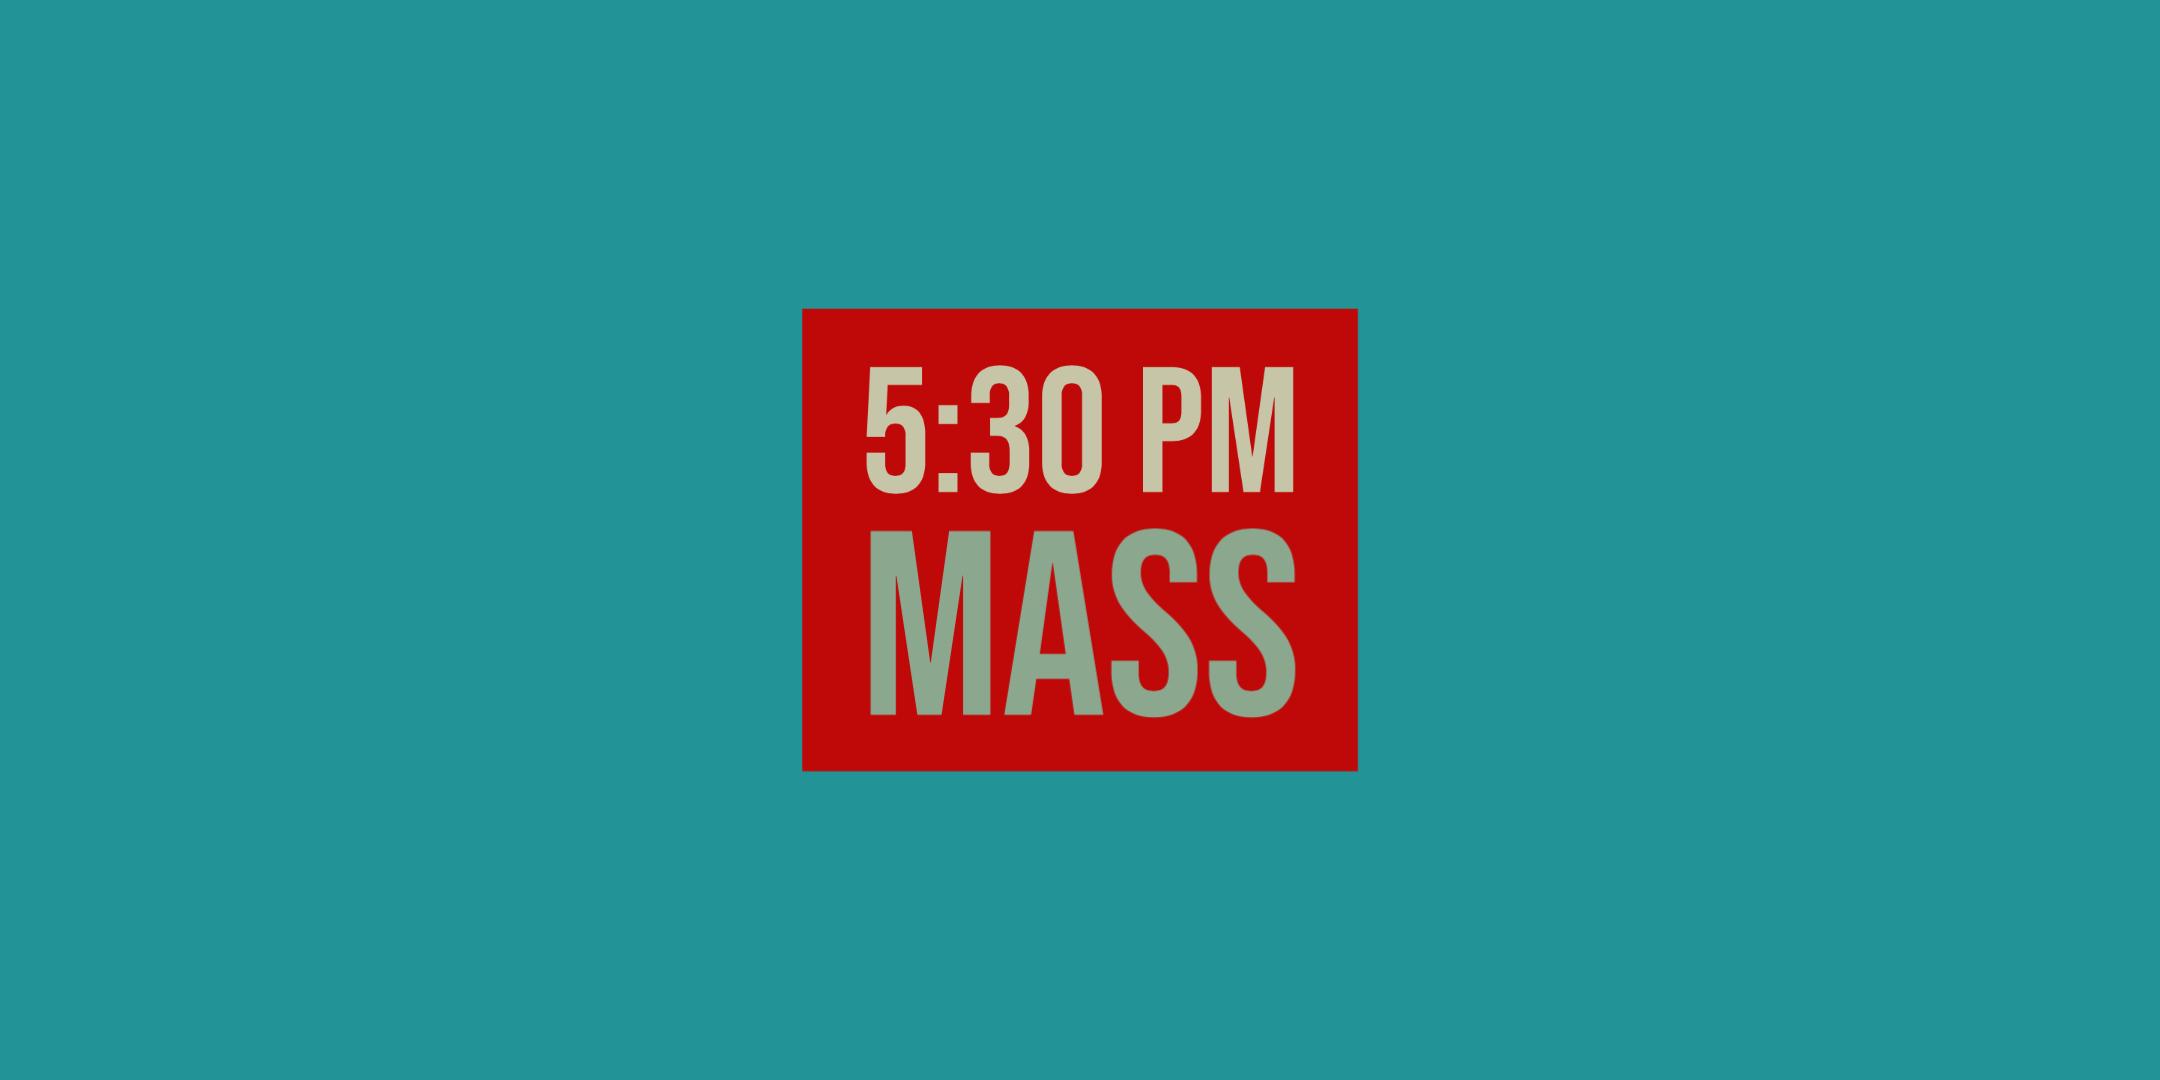 Register for 530 Mass